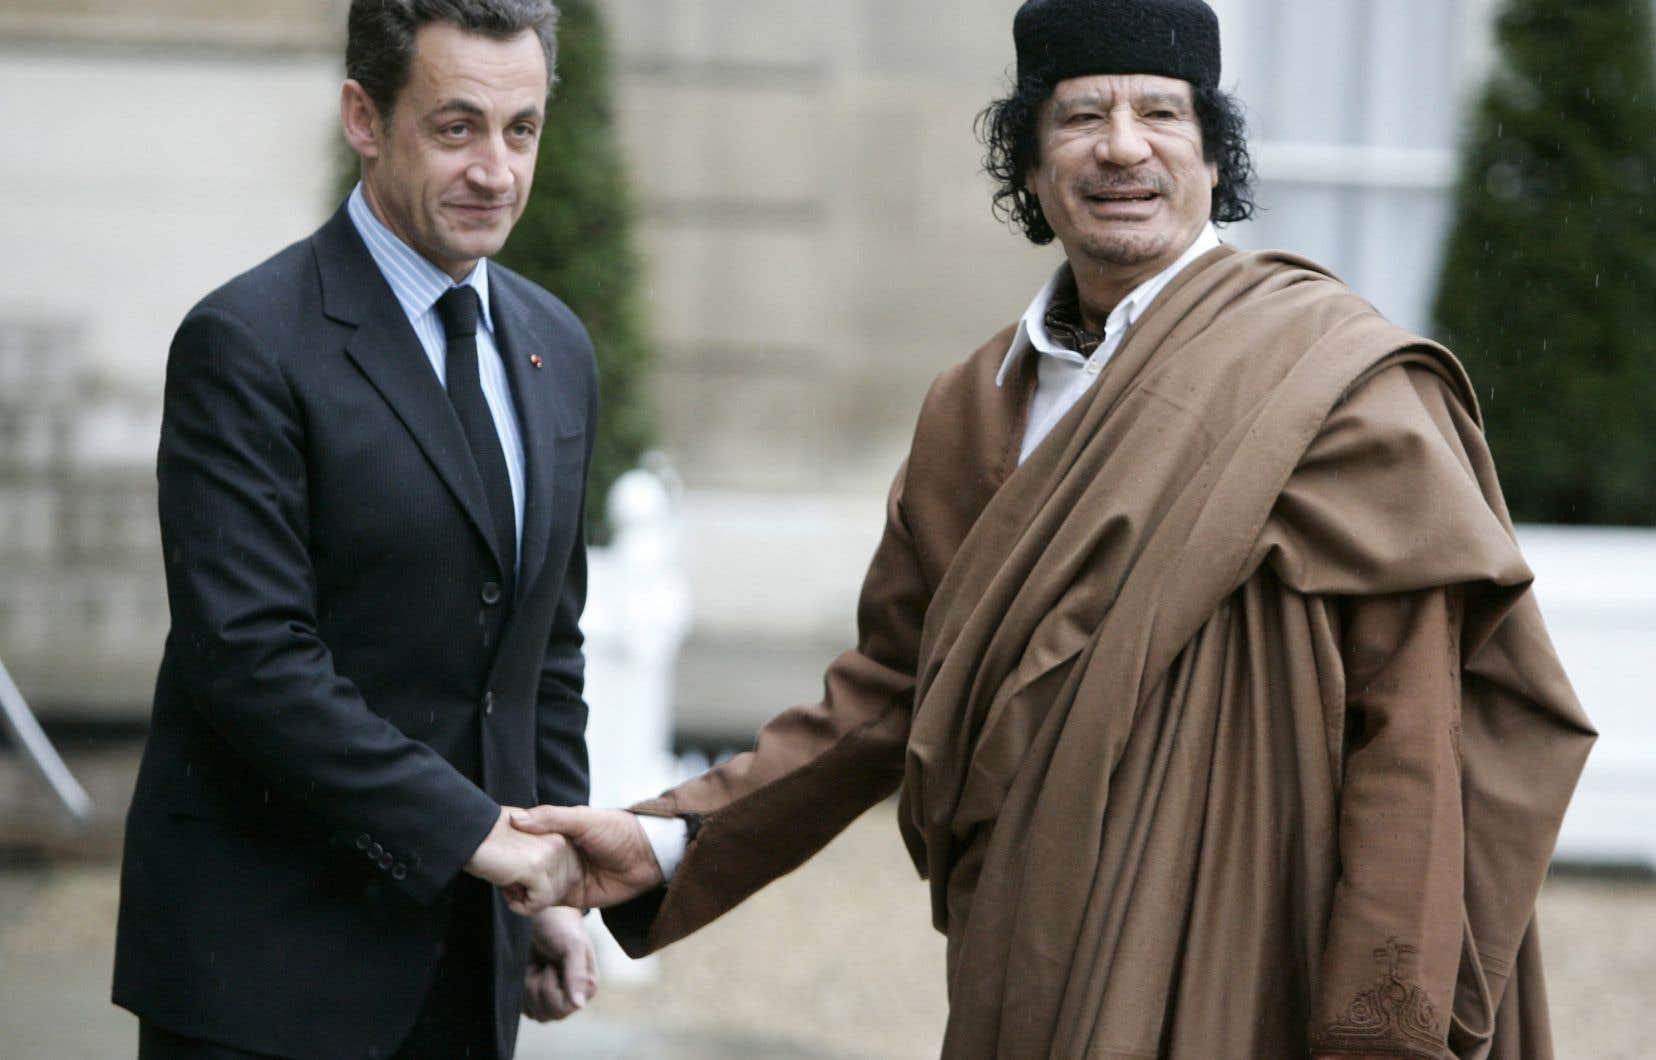 Les juges s'intéressent à des flux financiers impliquant des protagonistes liés au régime de l'ancien dictateur libyen Mouammar Kadhafi.